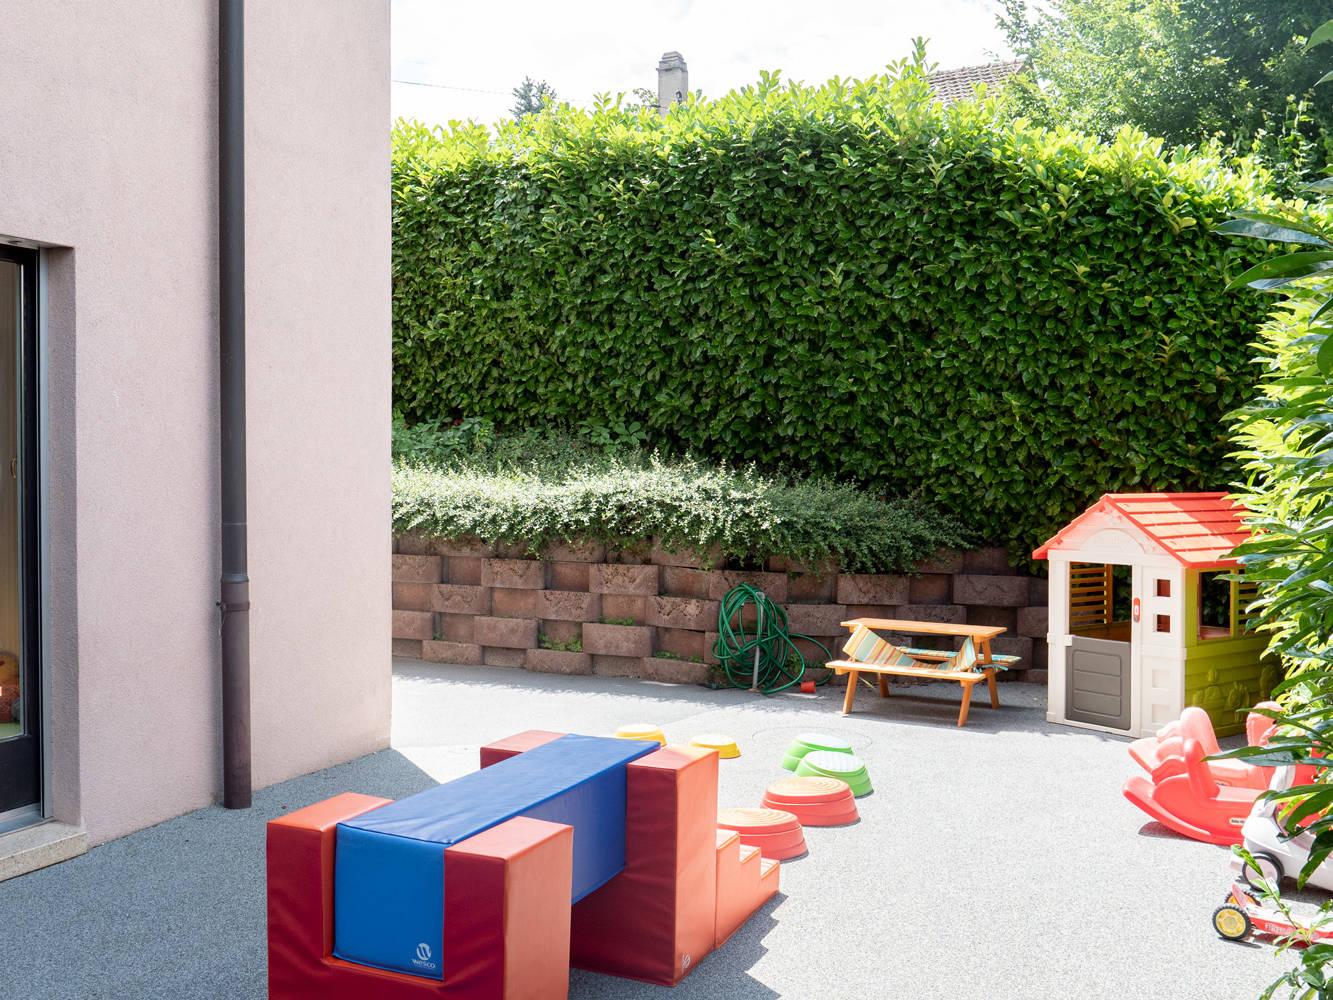 Photo des activités extérieures la crèche Kids unlimited à Commugny